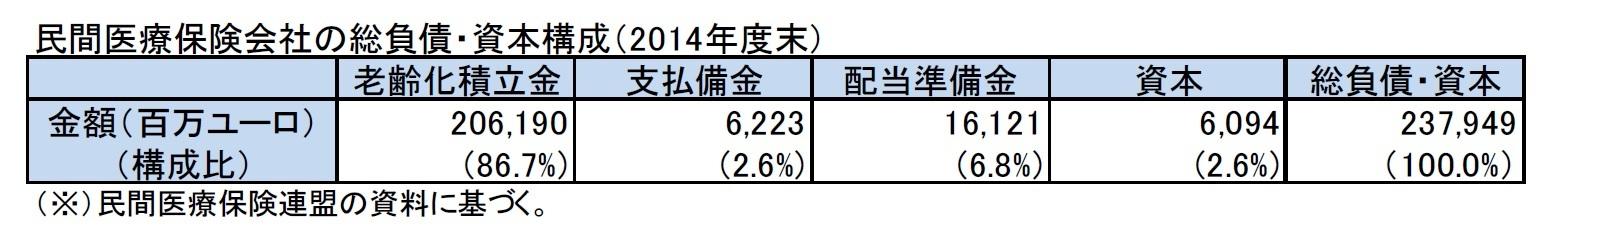 民間医療保険会社の総負債・資本構成(2014年度末)